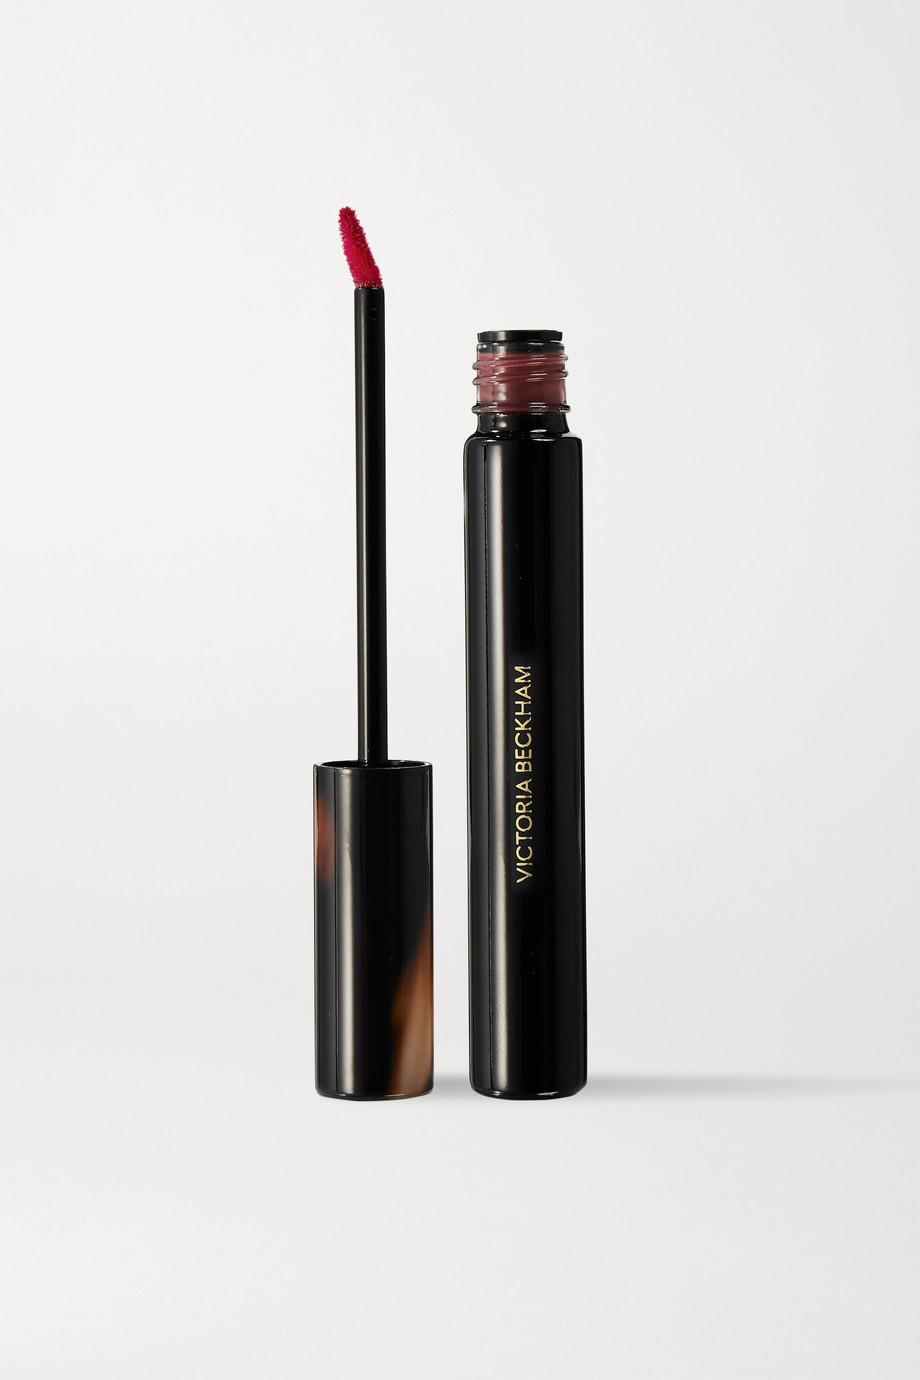 Victoria Beckham Beauty Bitten Lip Tint - Chérie